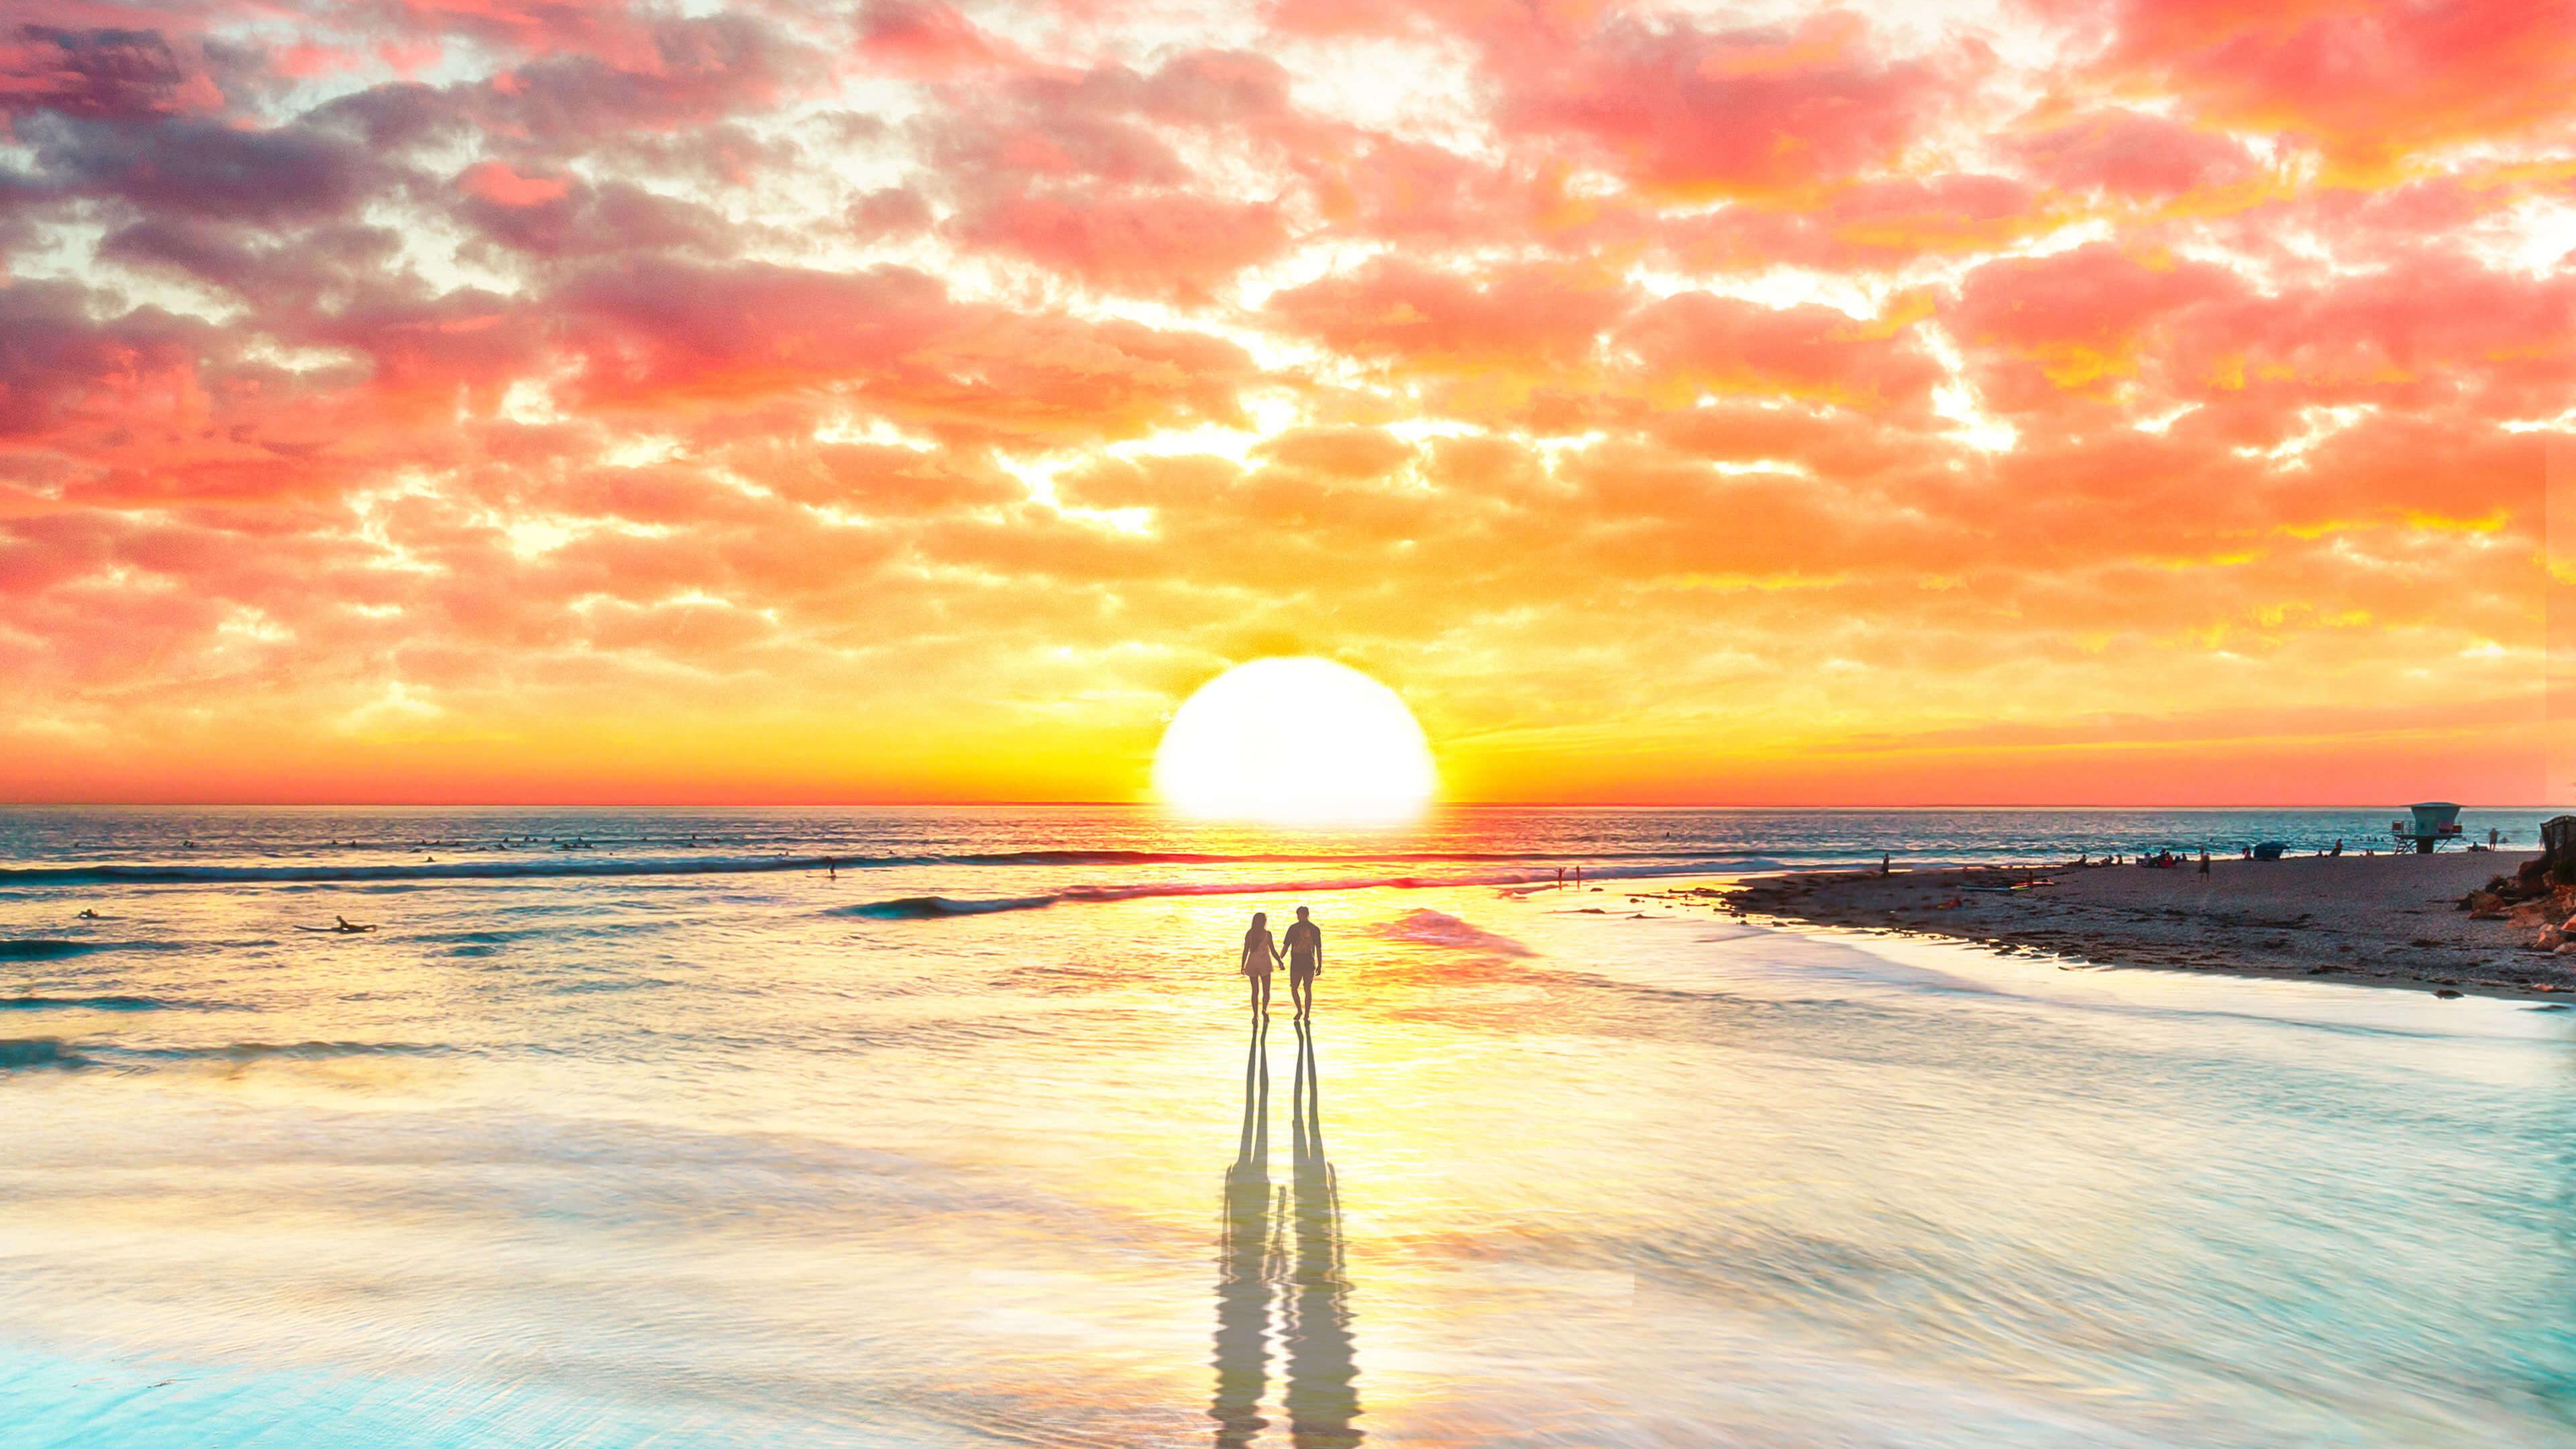 Beach Couple Watching Sunset 4k, HD Artist, 4k Wallpapers ...